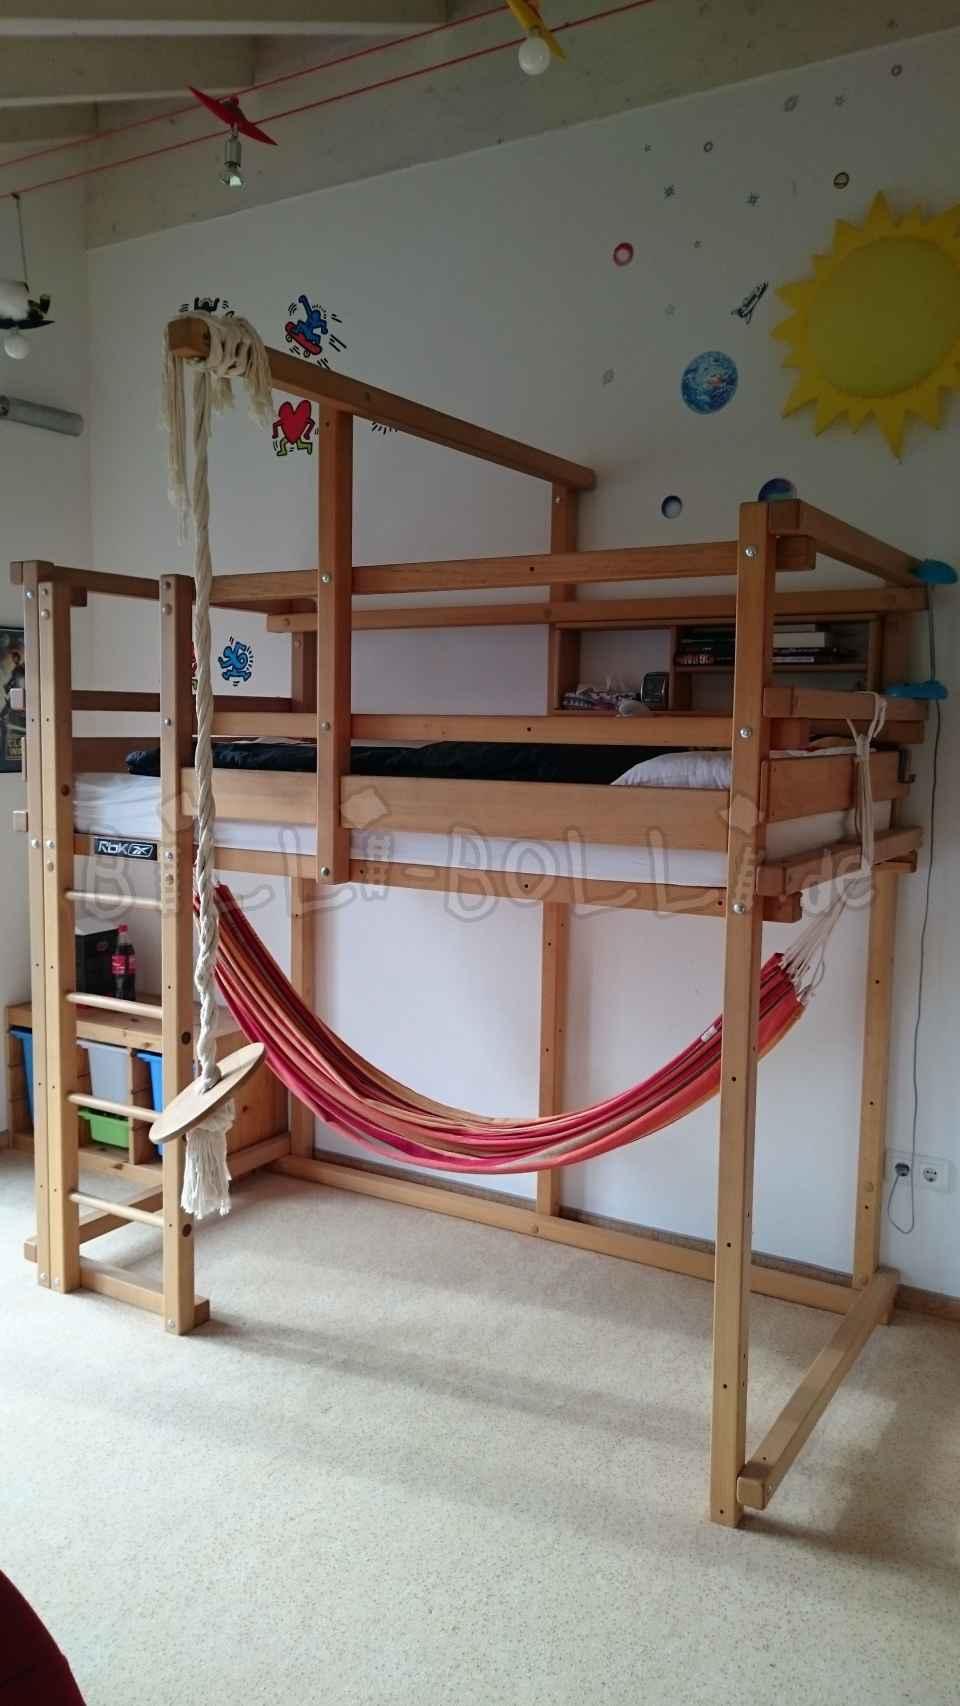 secondhand seite 88 billi bolli kinderm bel. Black Bedroom Furniture Sets. Home Design Ideas